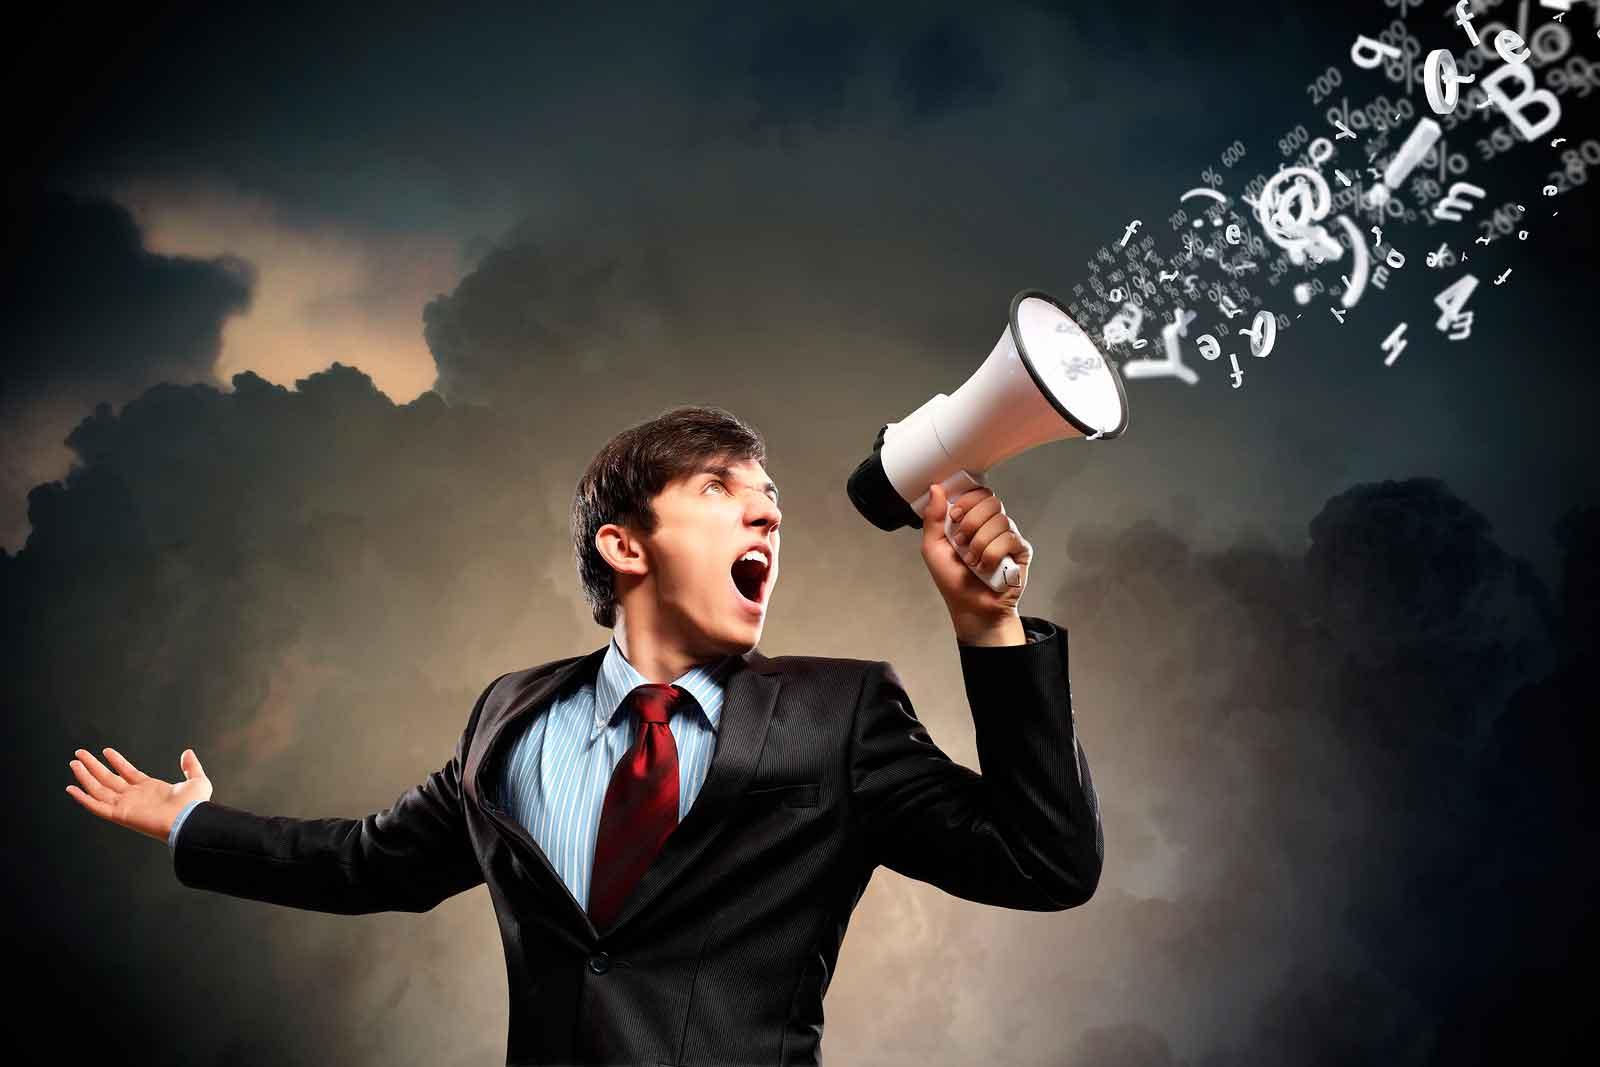 Красивые картинки ораторское искусство